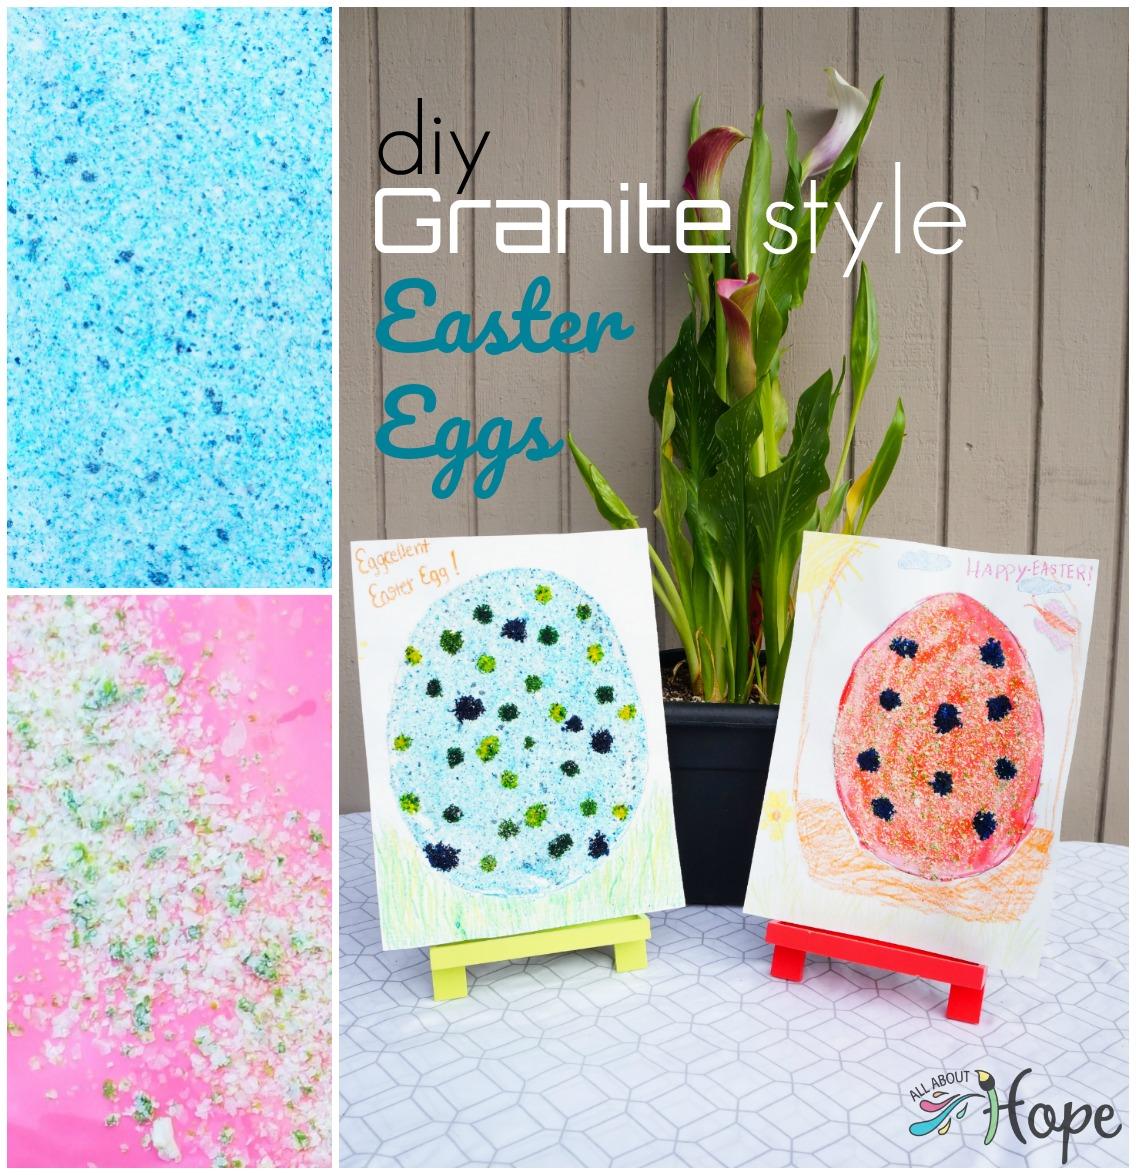 DIY Granite Easter Egg, Paper Easter egg craft, Easter craft, Potato craft, Potato flakes craft, Food dye craft, Food coloring craft